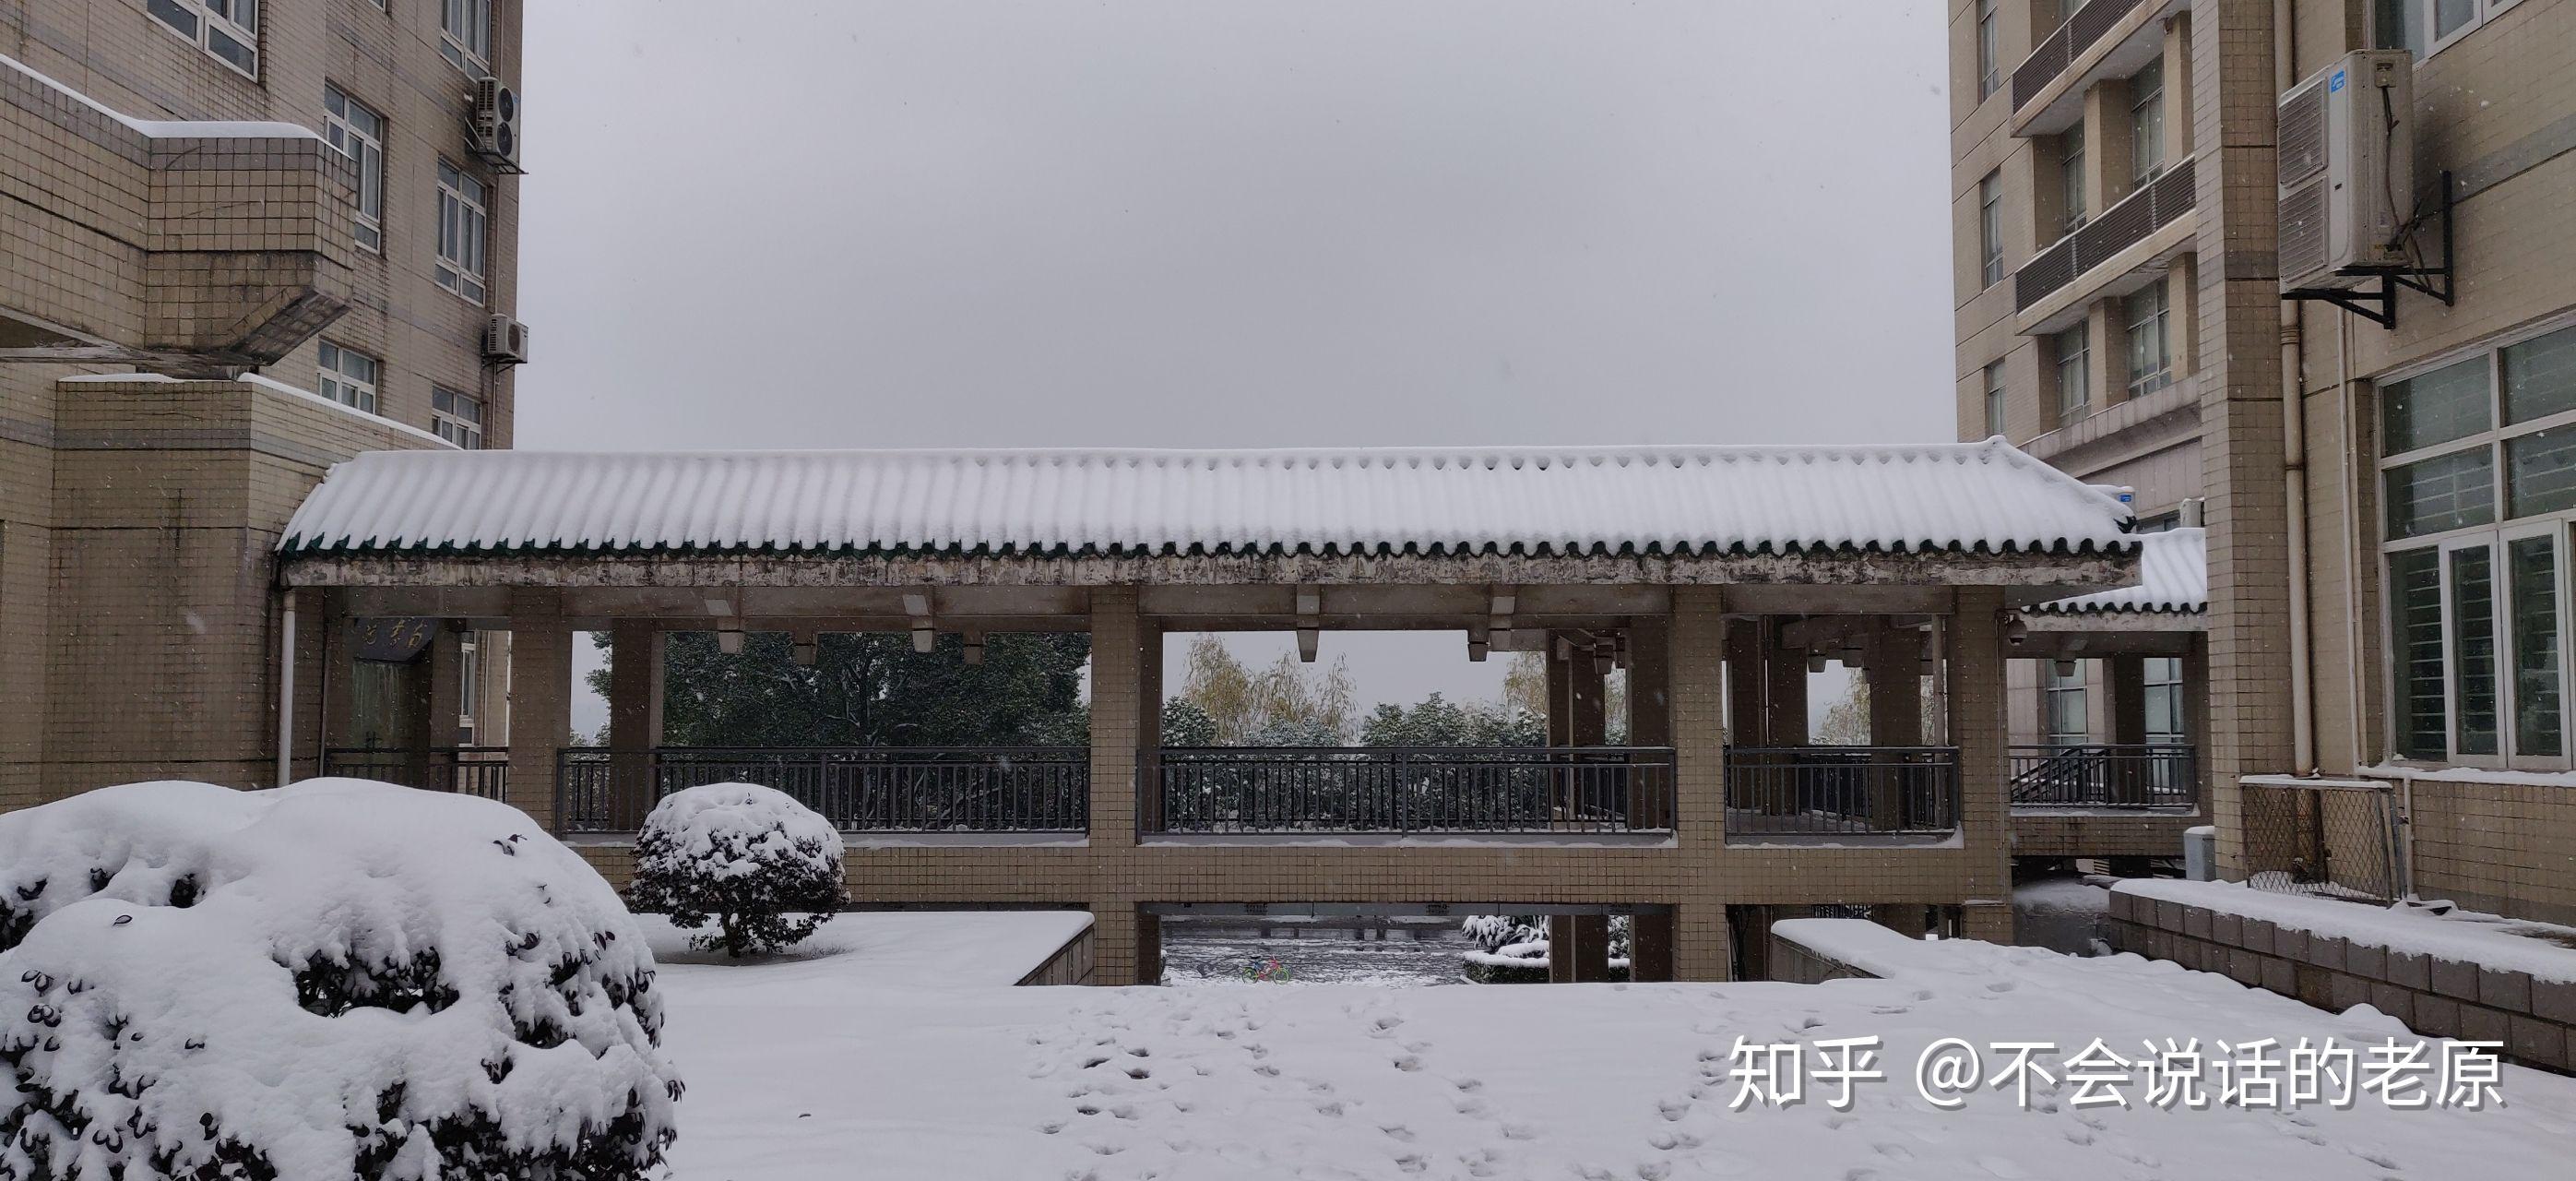 中南大学宿舍图片内景